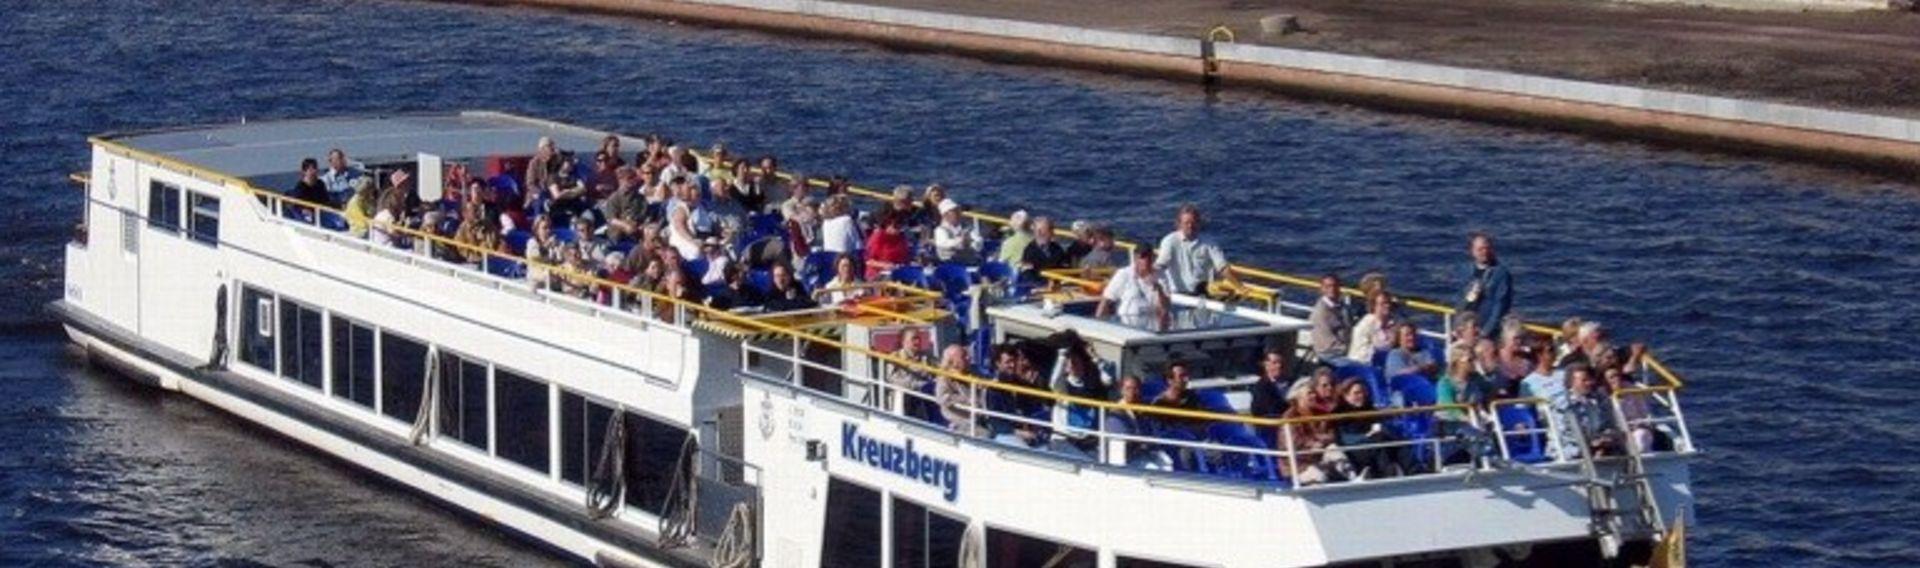 Bootstour Berlin mit Hund – Brückenfahrt